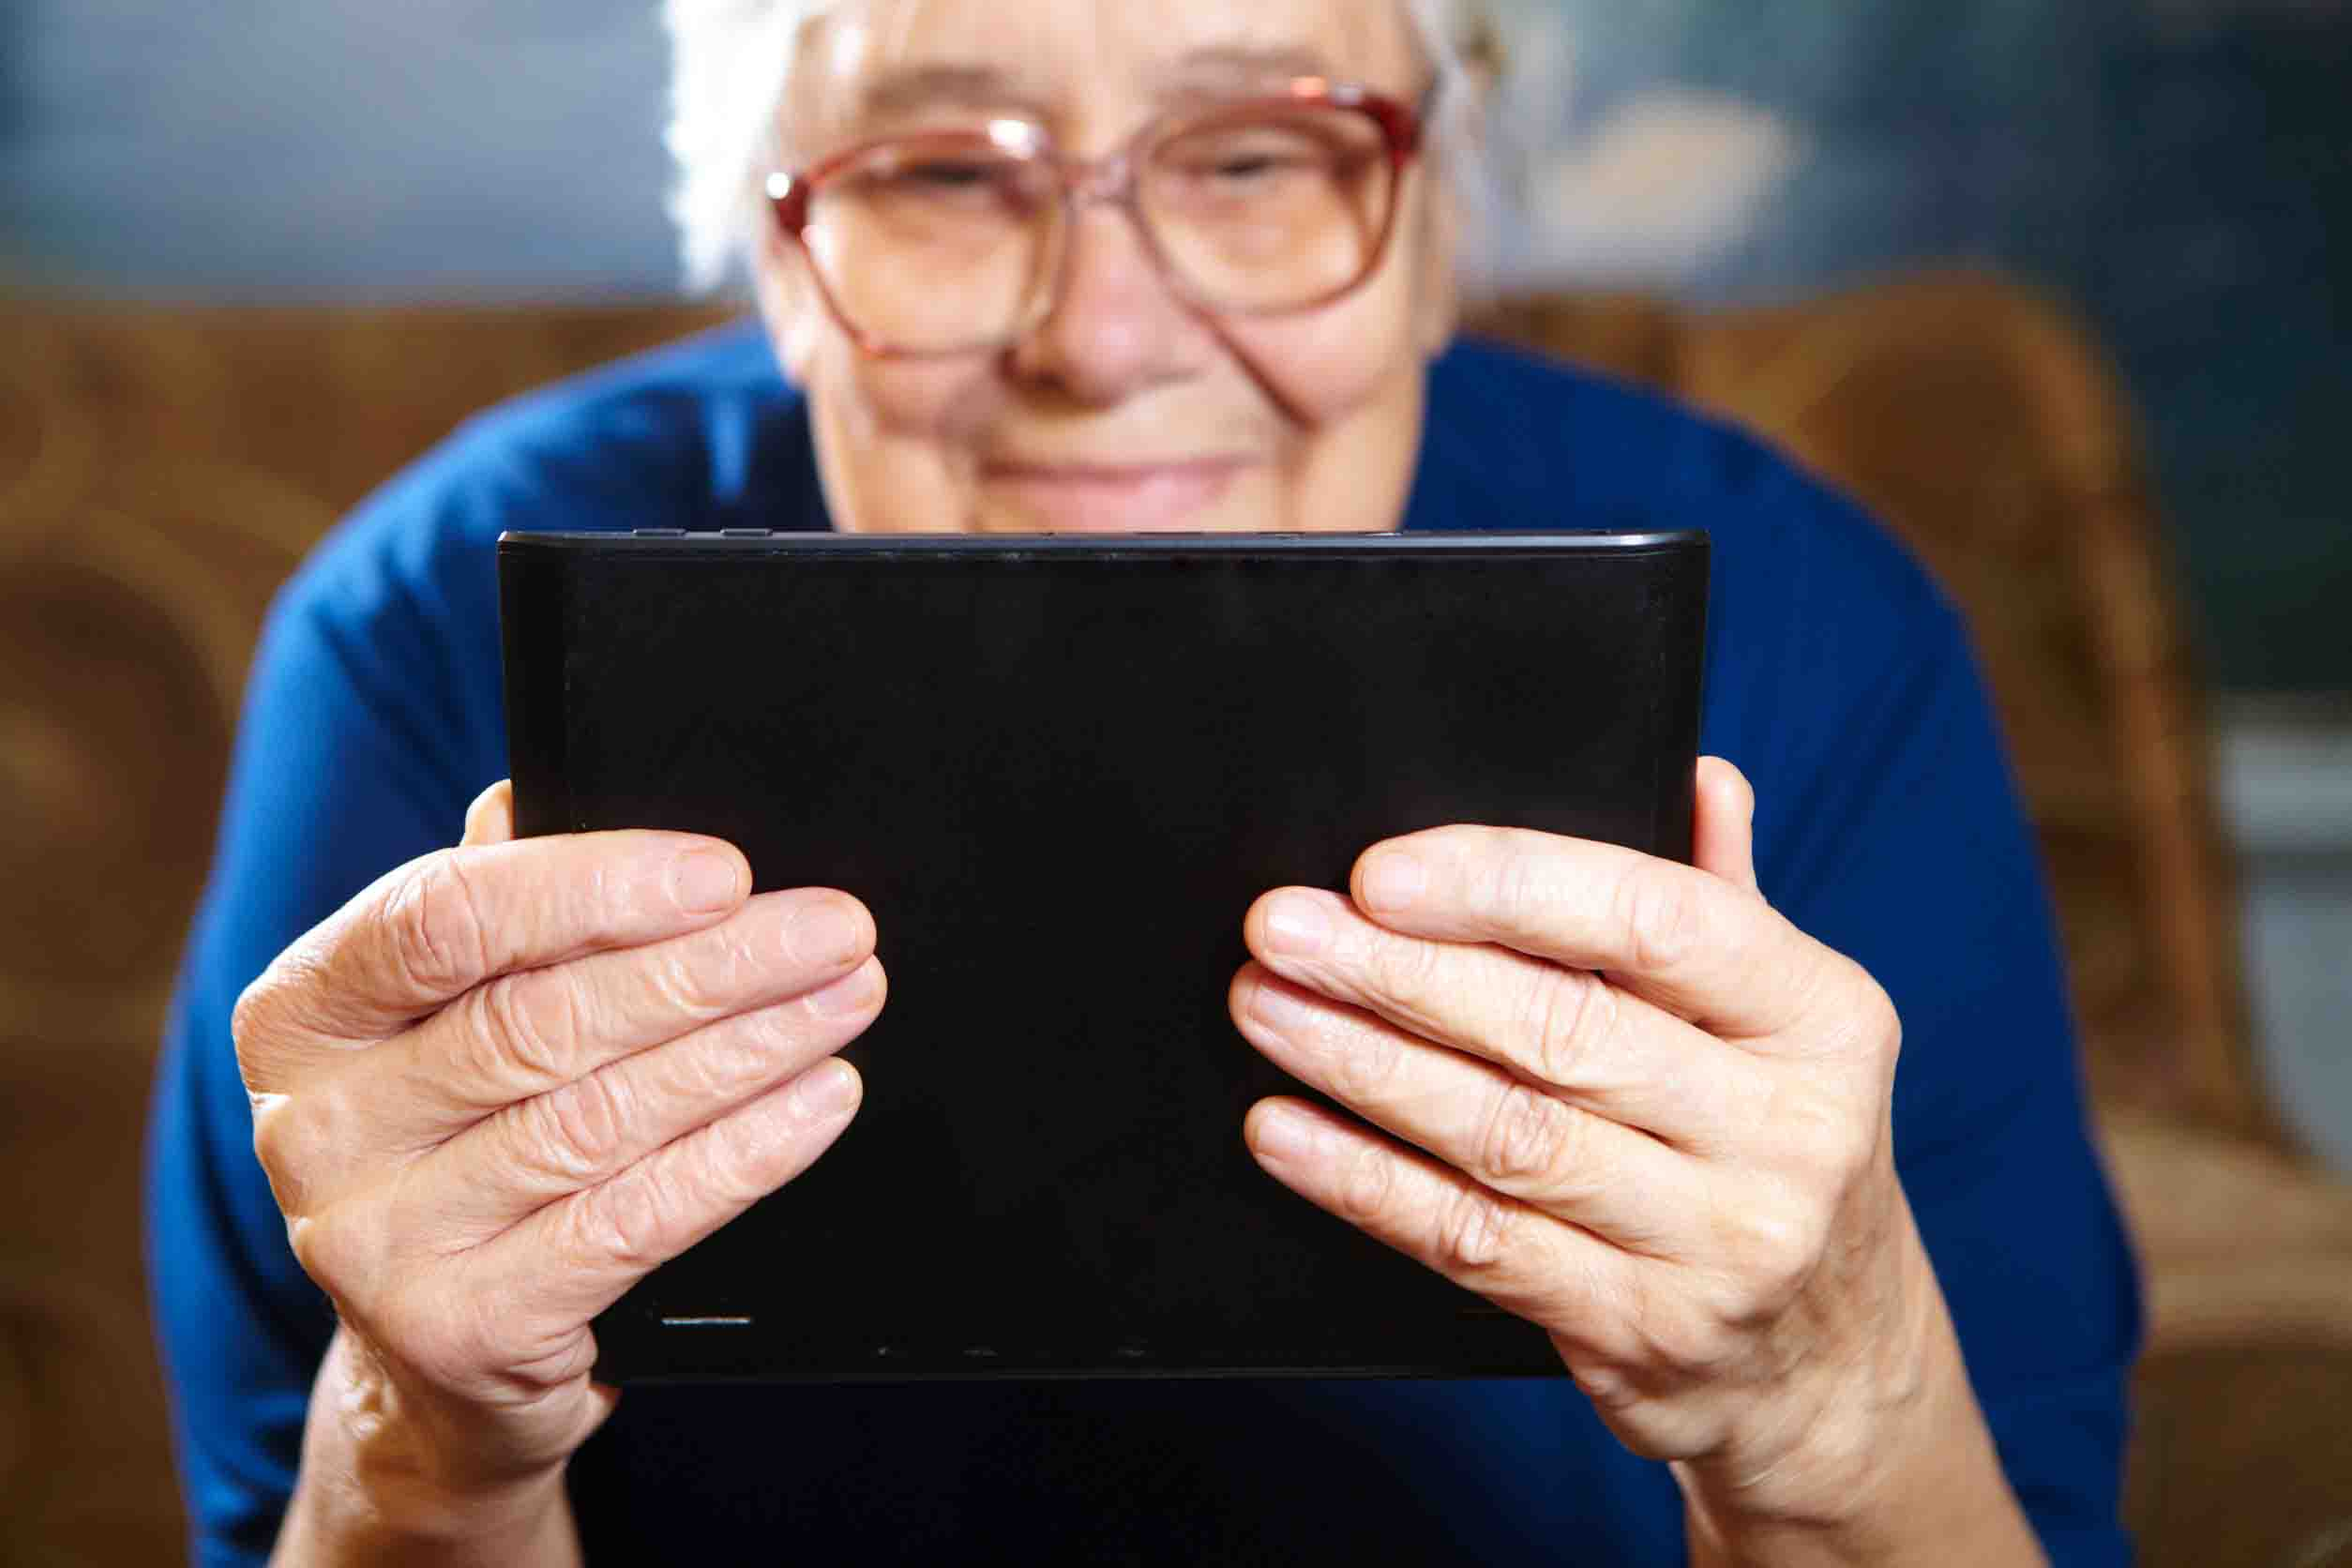 Femme senior qui adopte une bonne position pour regarder sa tablette